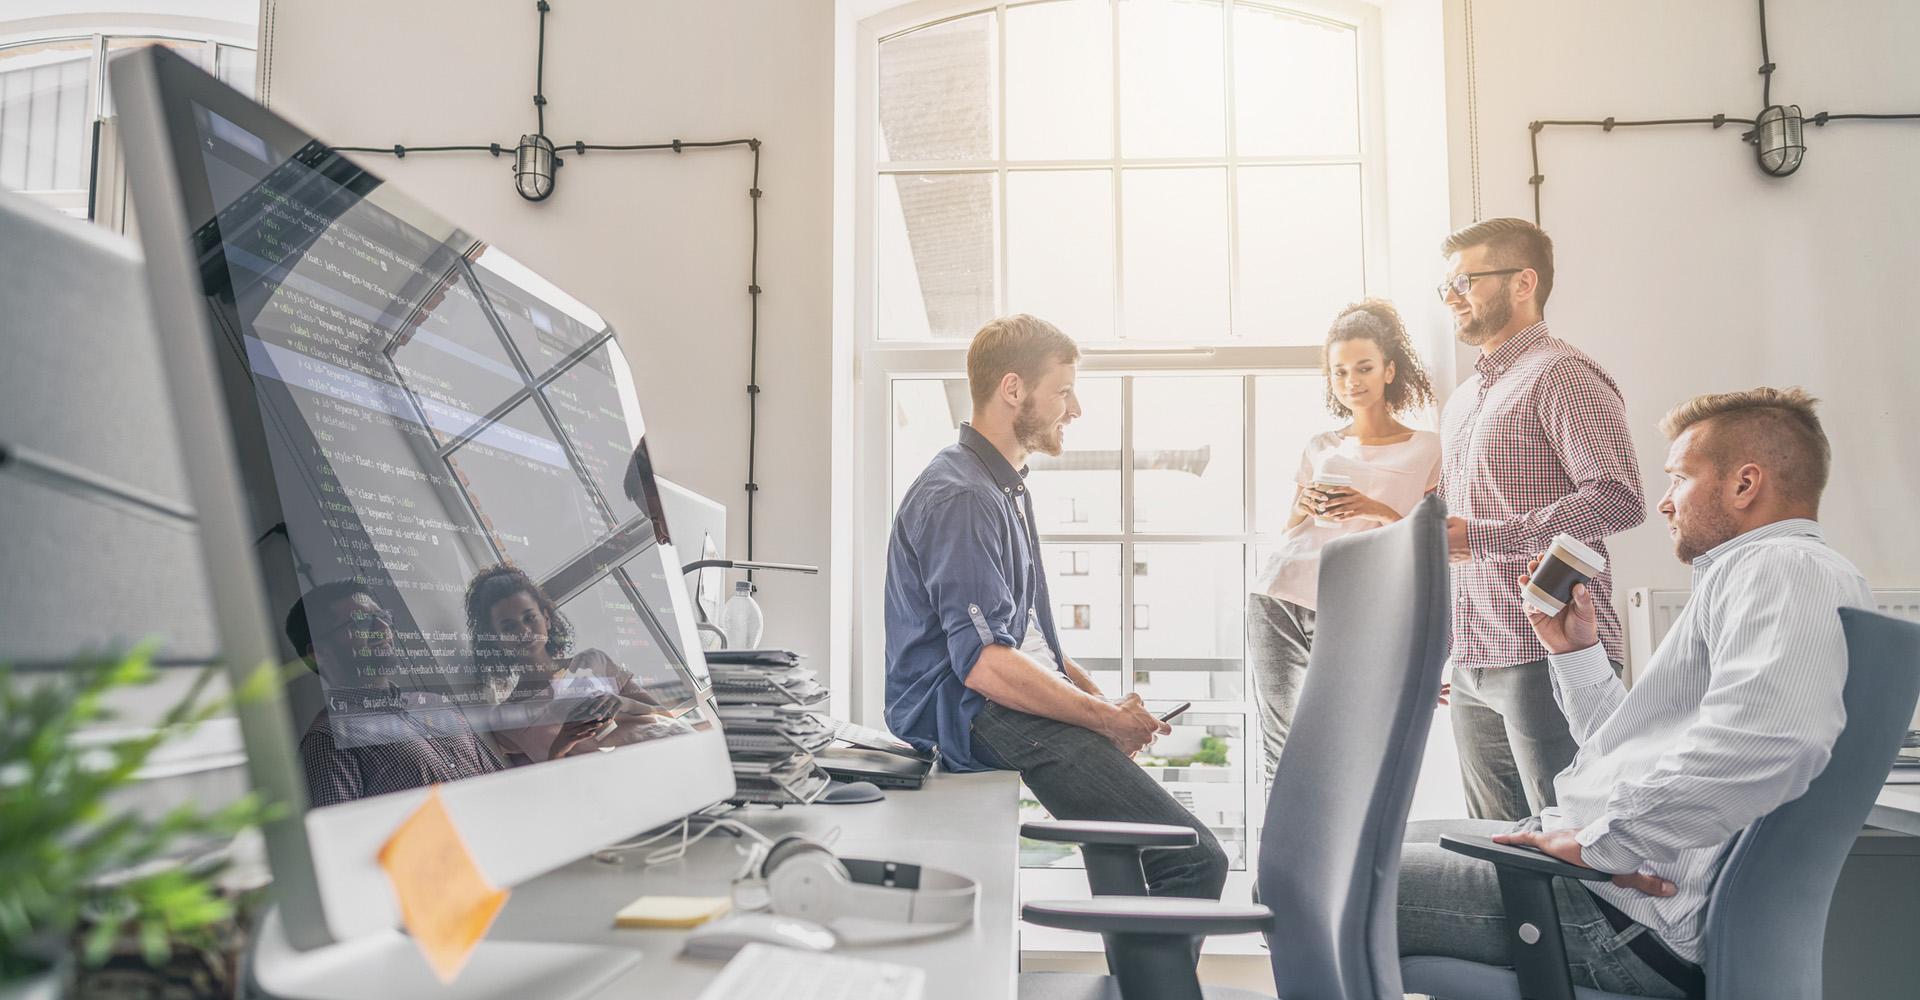 Mitarbeiter diskutieren im Büro einen Projektfortschritt